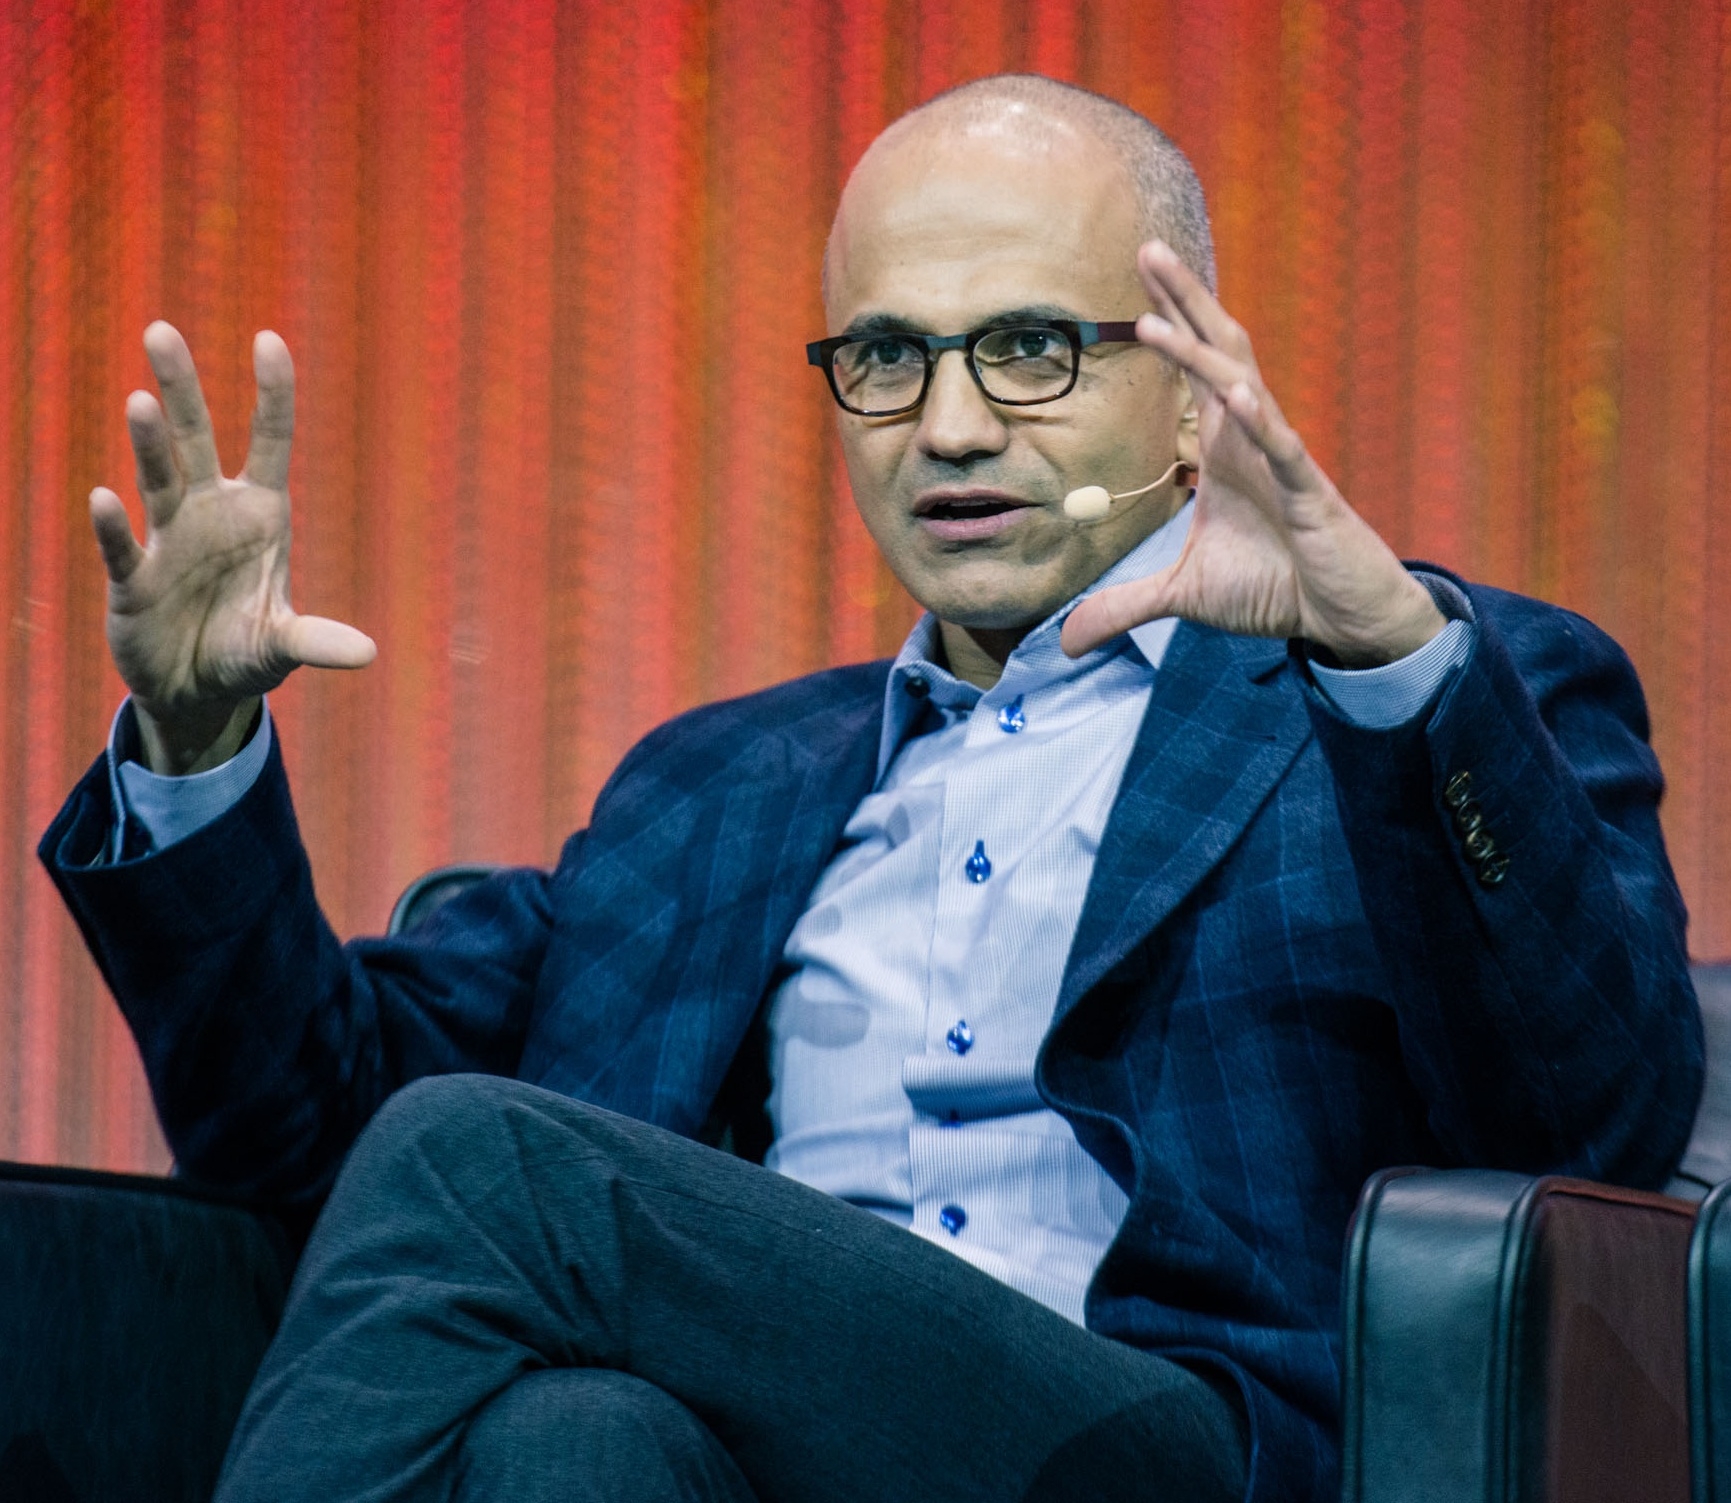 微软的股价还会继续上涨吗?